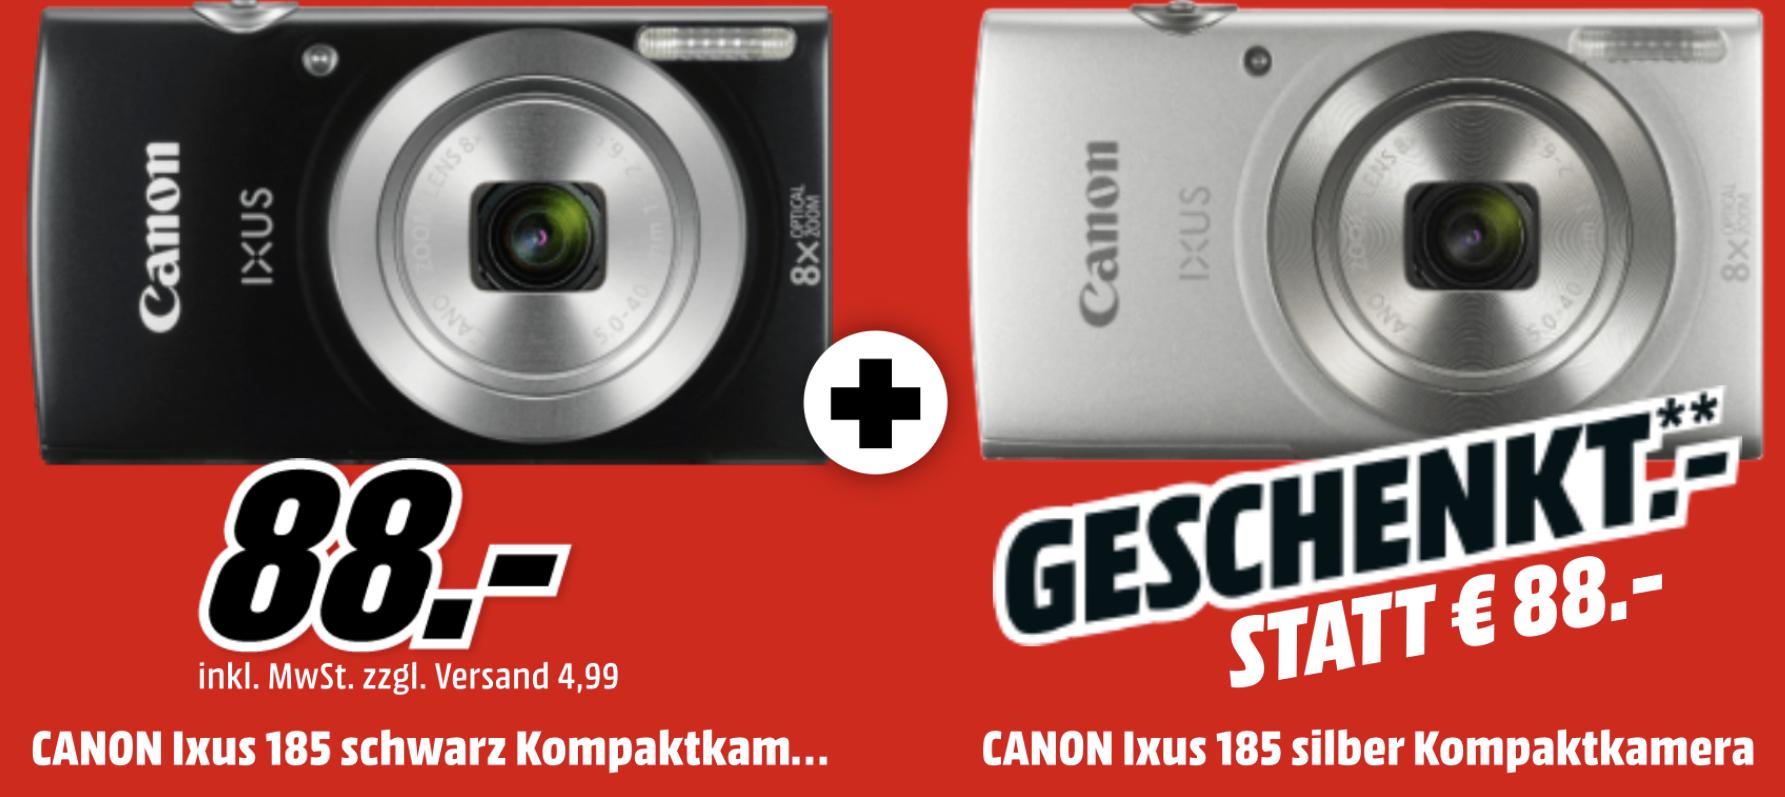 2 x Canon IXUS 185 Kompaktkamera für 88€